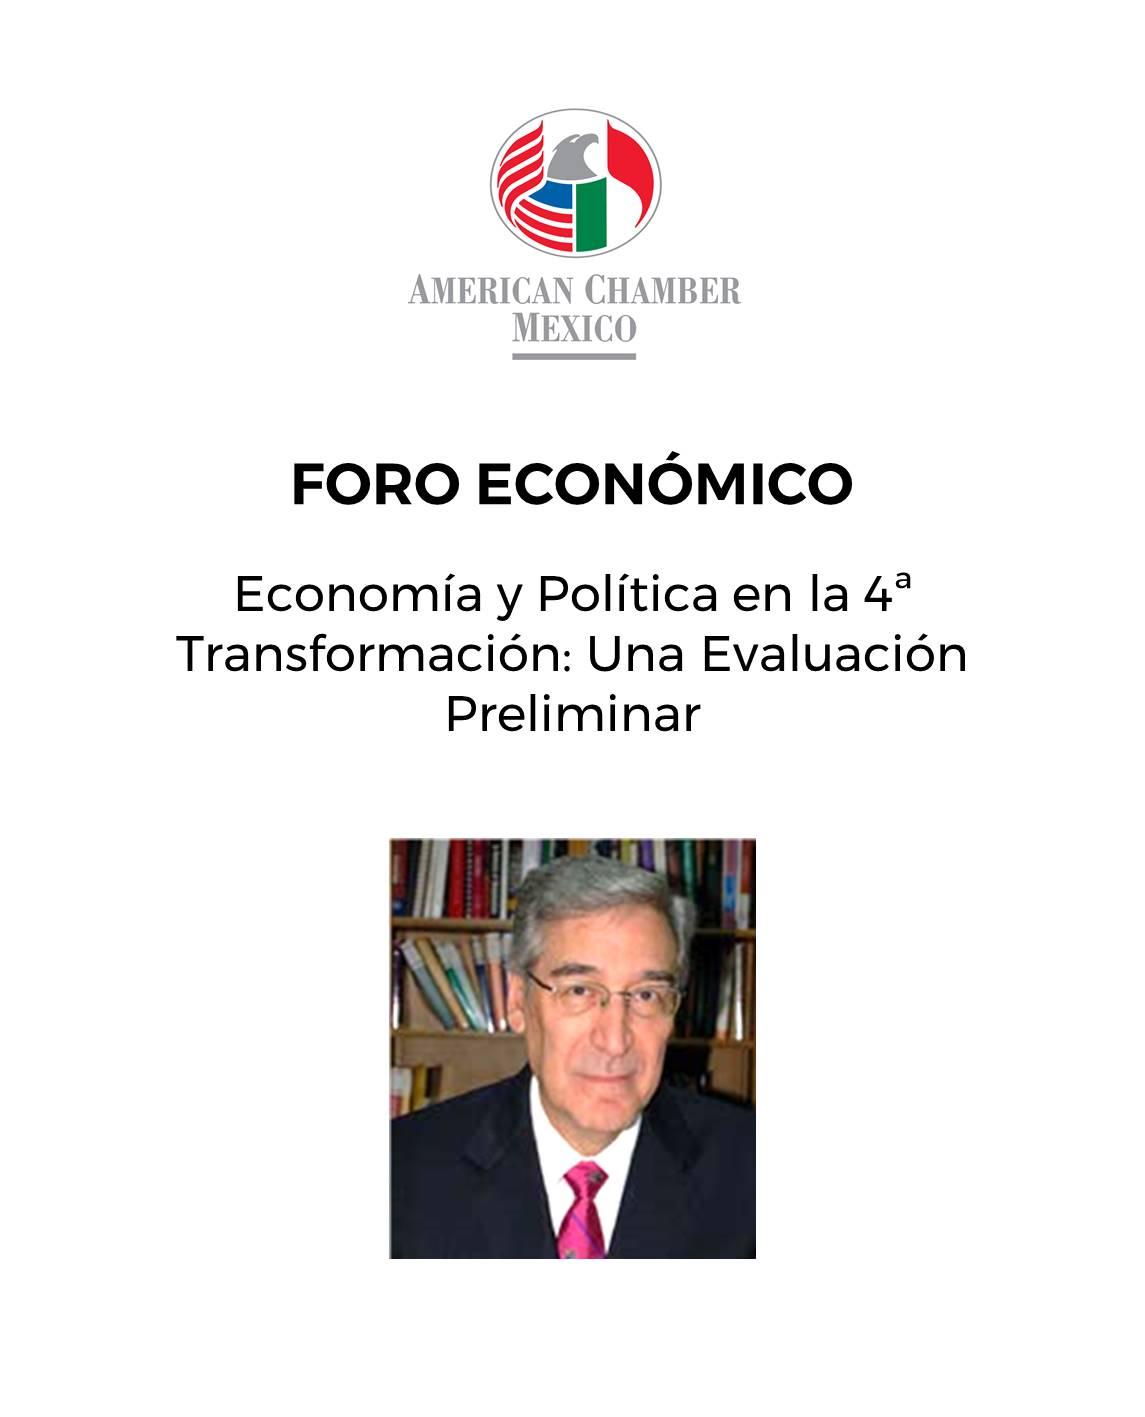 """MTY Foro Económico """"Economía y Política en la 4ta Transformación: Una Evaluación Preliminar"""" con Everardo Elizondo"""